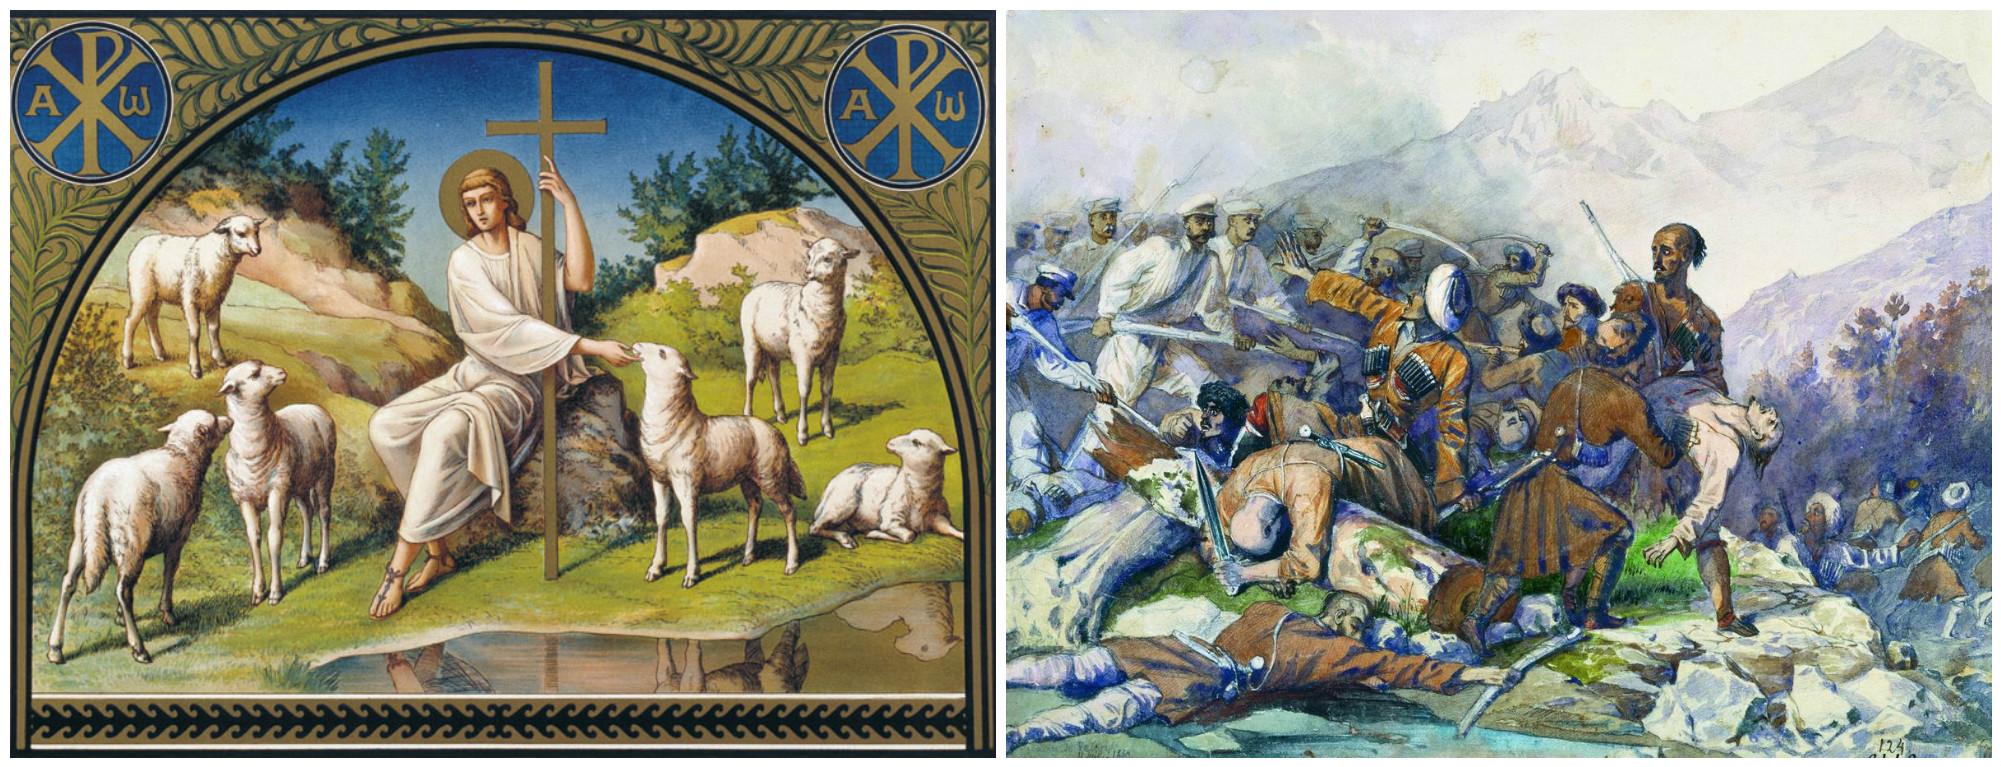 Гагарин Г.Г. Добрый пастырь и Сражение при реке Валерик. 1840. Государственный Русский музей